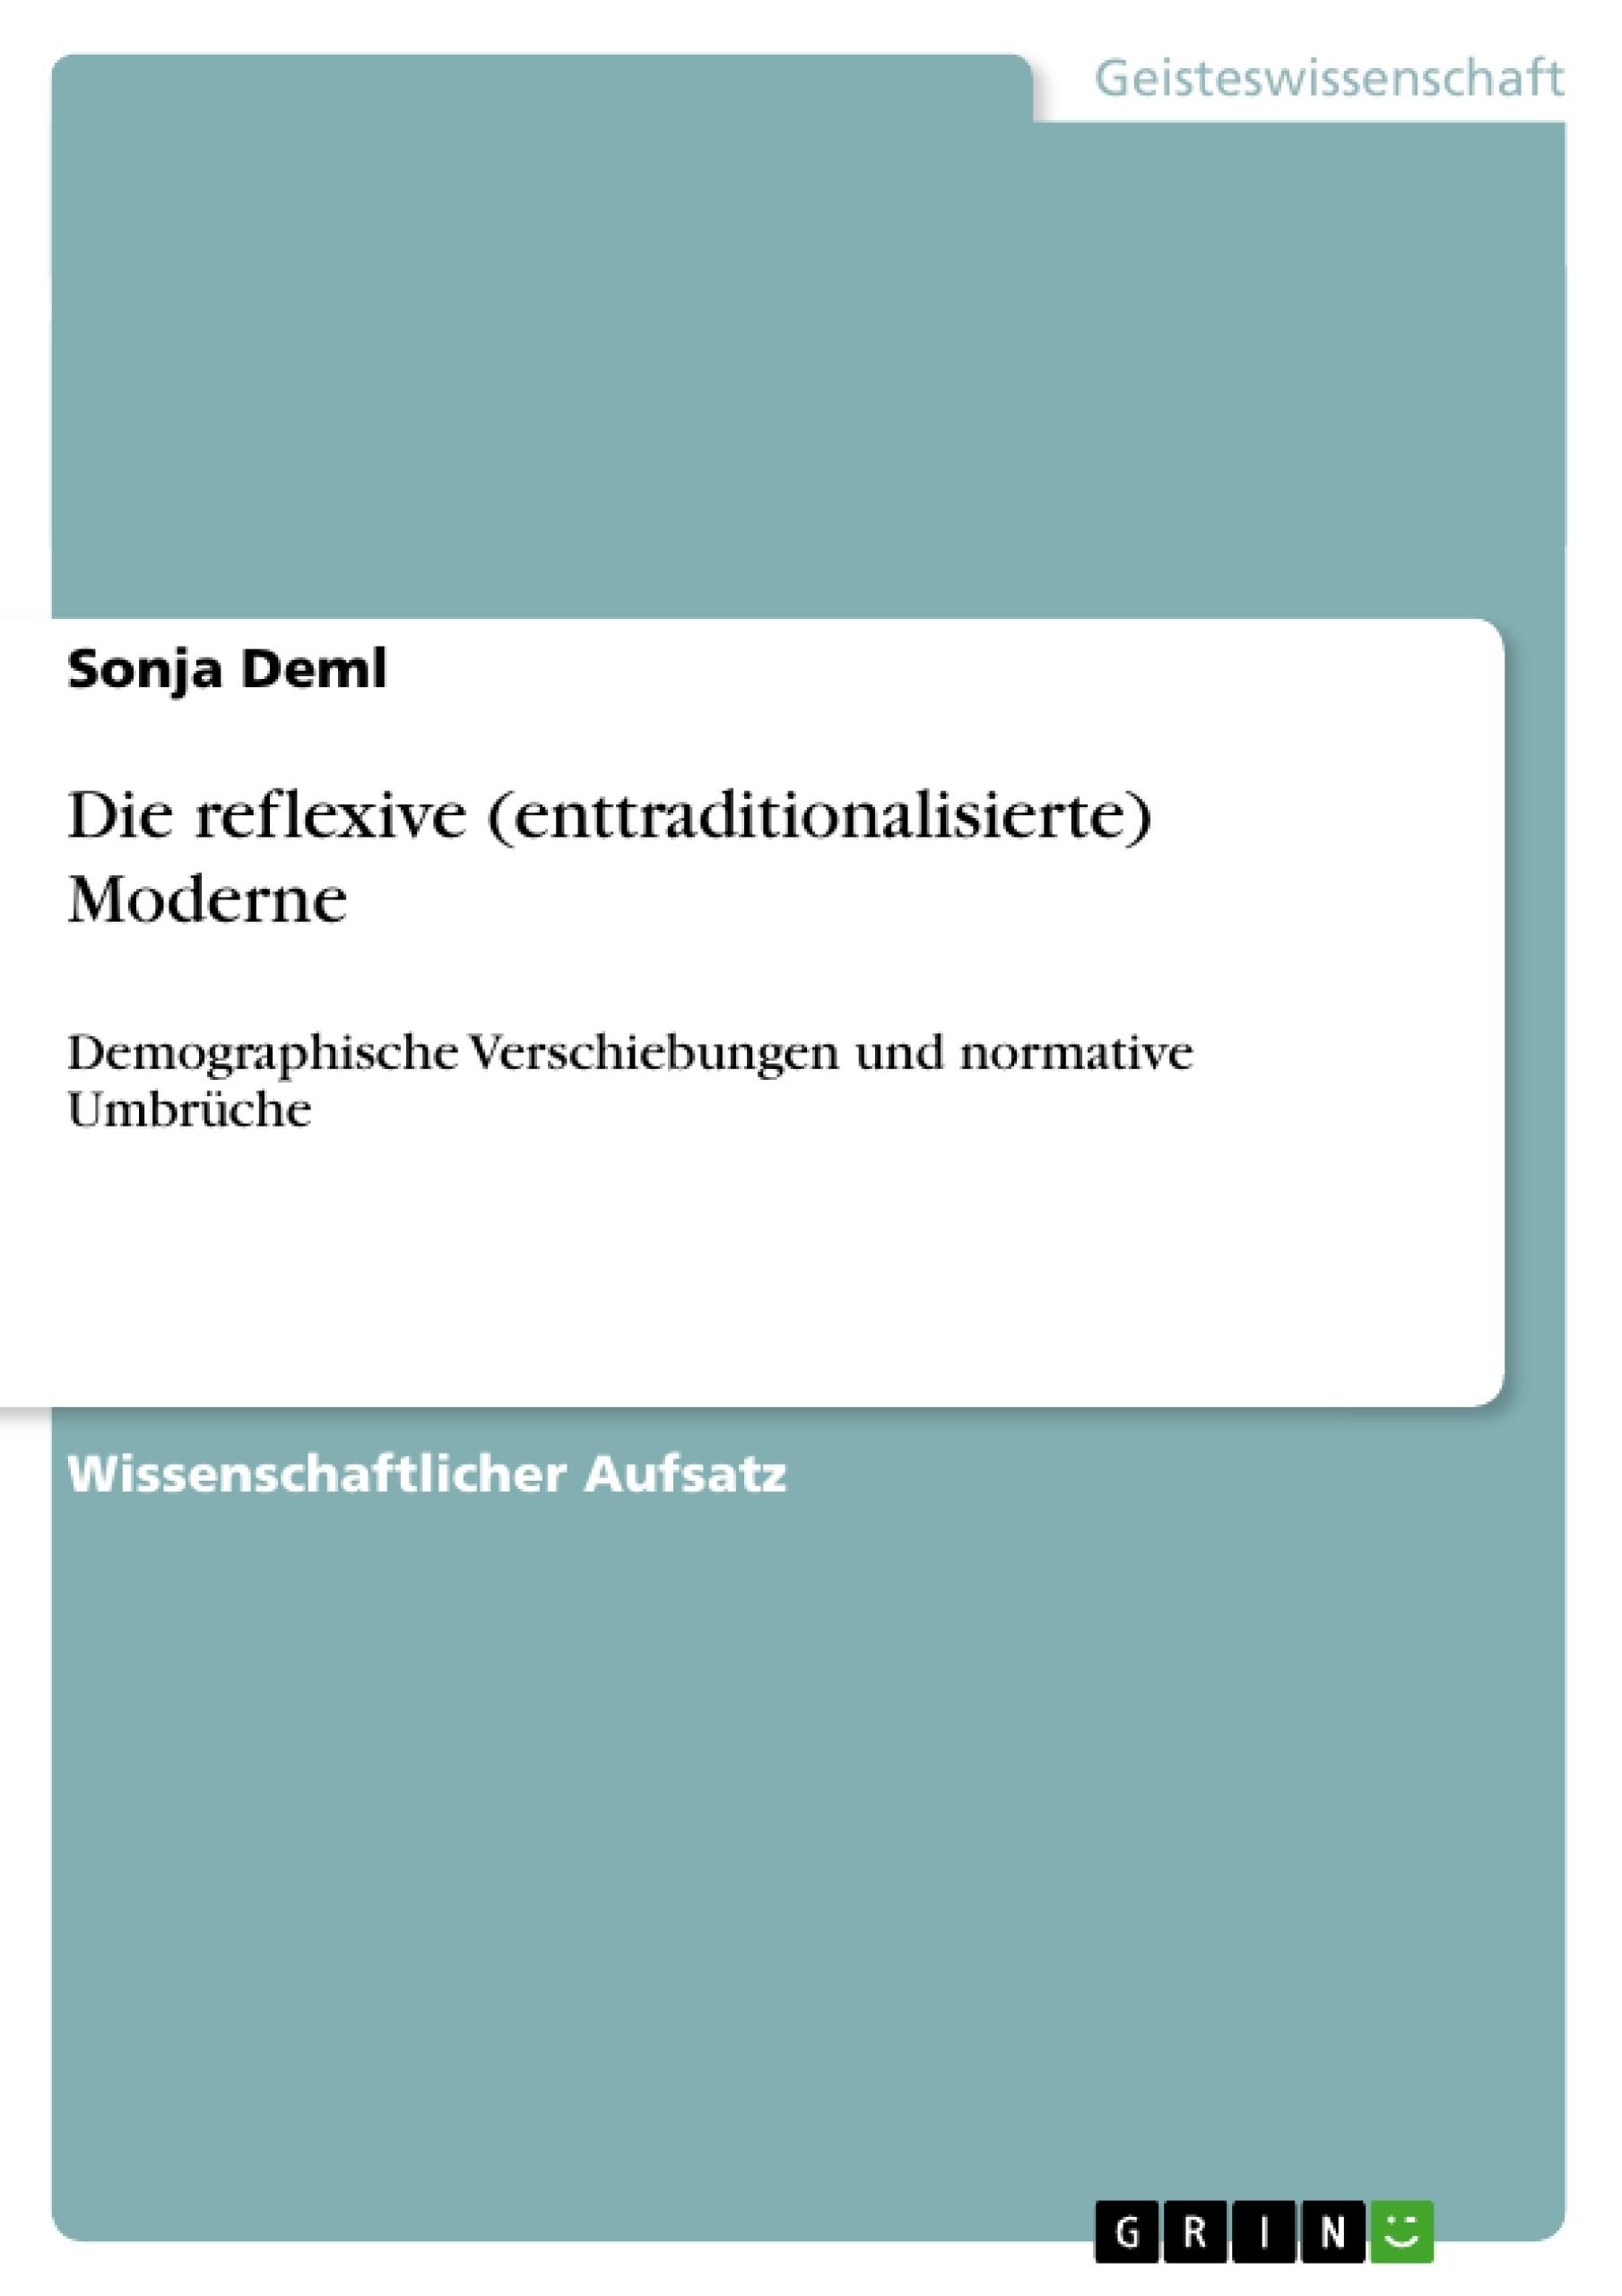 Titel: Die reflexive (enttraditionalisierte) Moderne